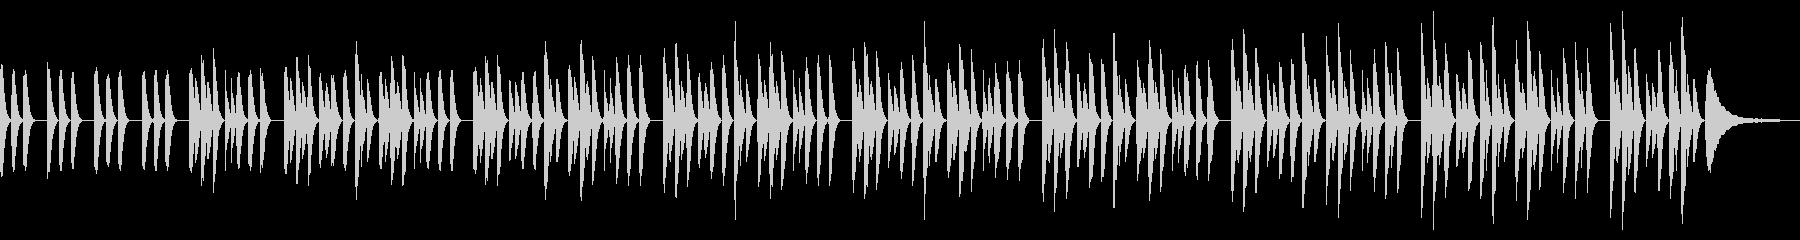 ミニマル・ピアノソロ・子供・工作・優しいの未再生の波形